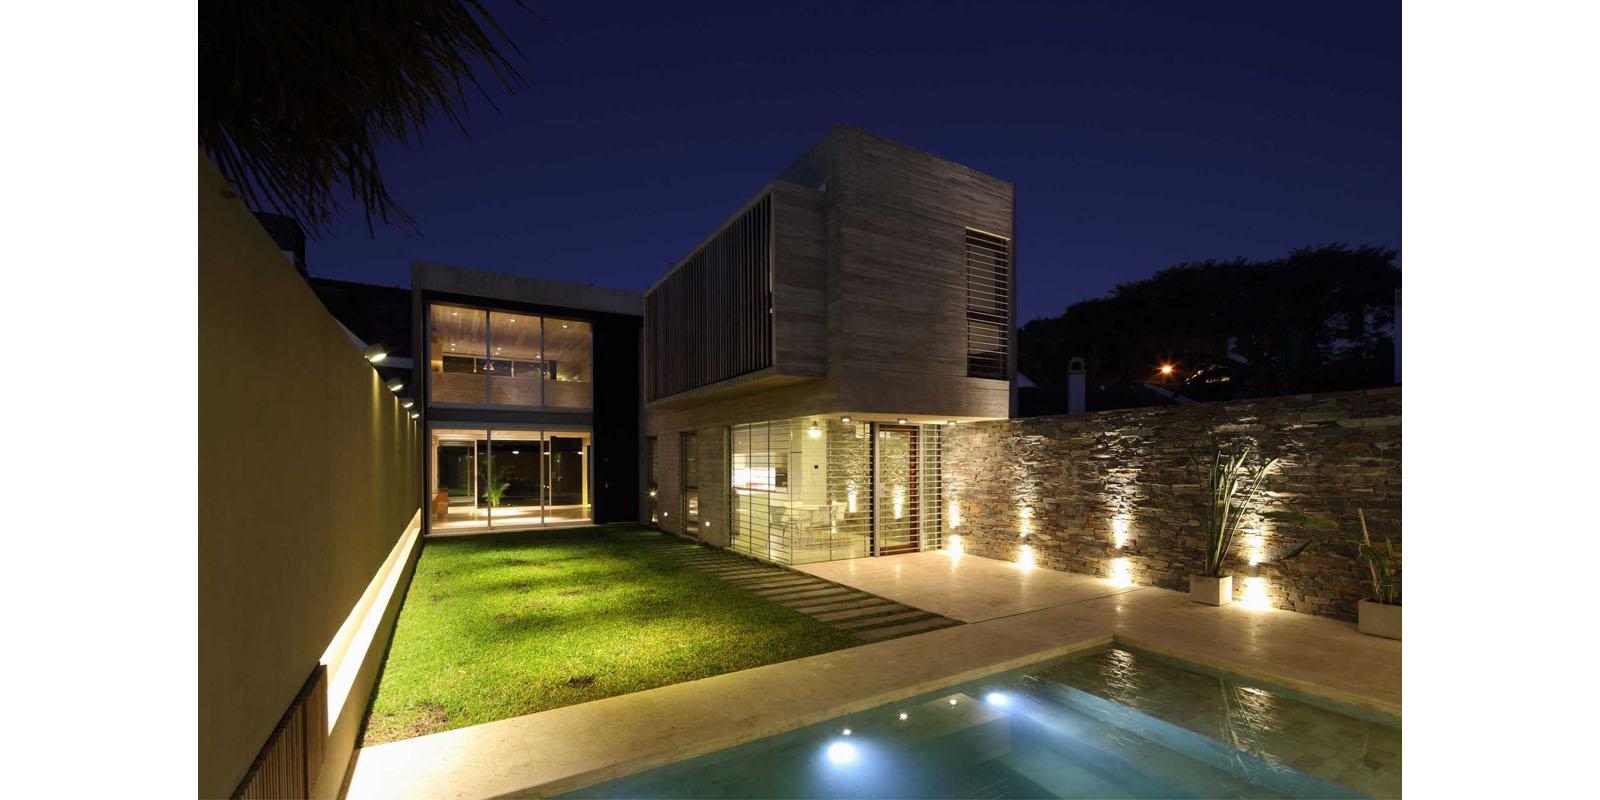 ProyectoC_Arquitectos_Portfolio_15_CasaBeiro